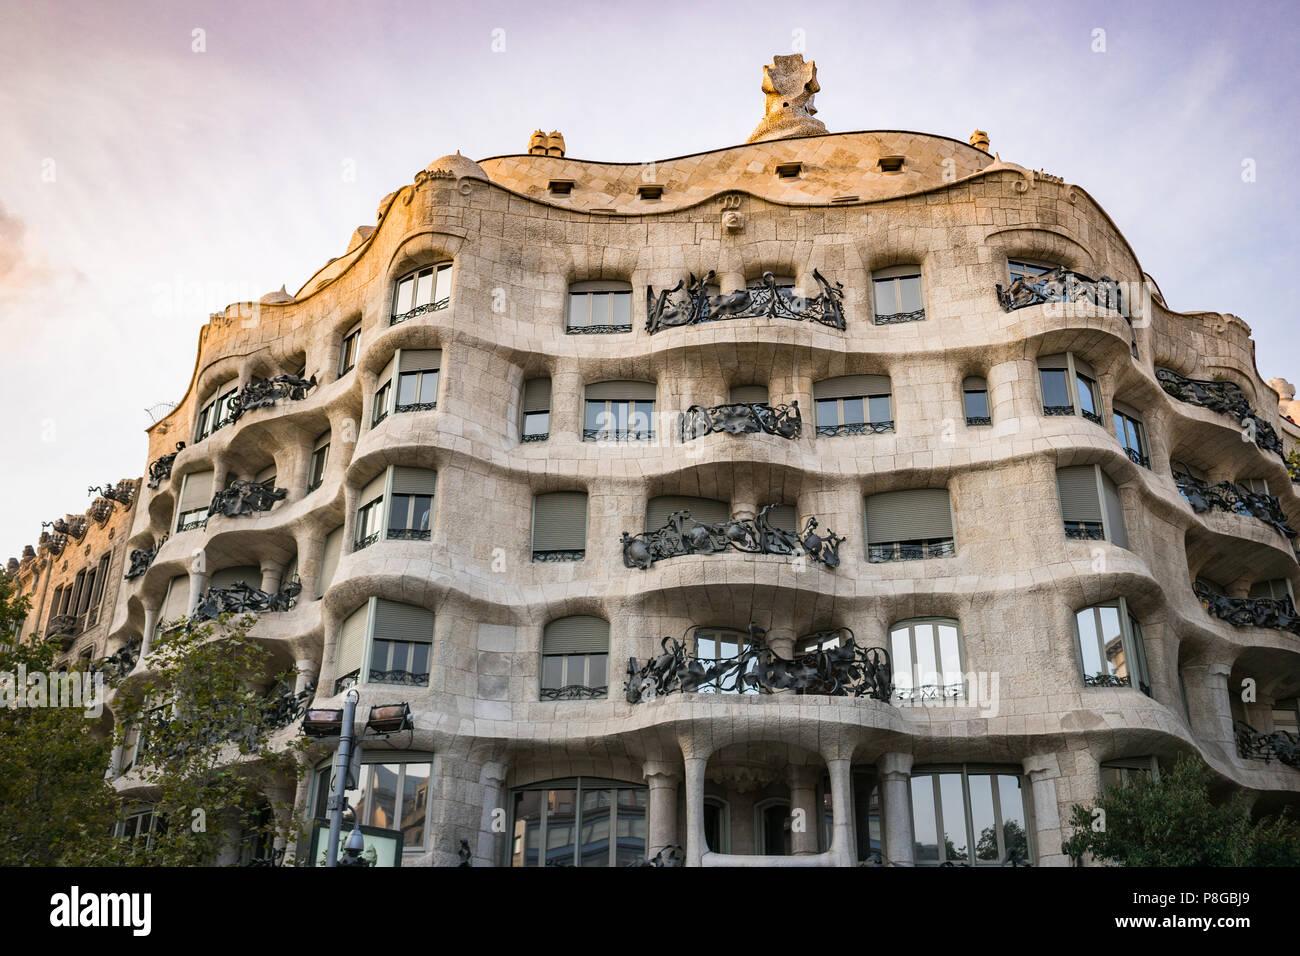 Wellen und bildhauerischen Details von La Pedrera, Casa Mila in Barcelona, Spanien. Architektur verzierten, Ansicht von unten bei Sonnenuntergang, lebhafte Farben. Stockbild